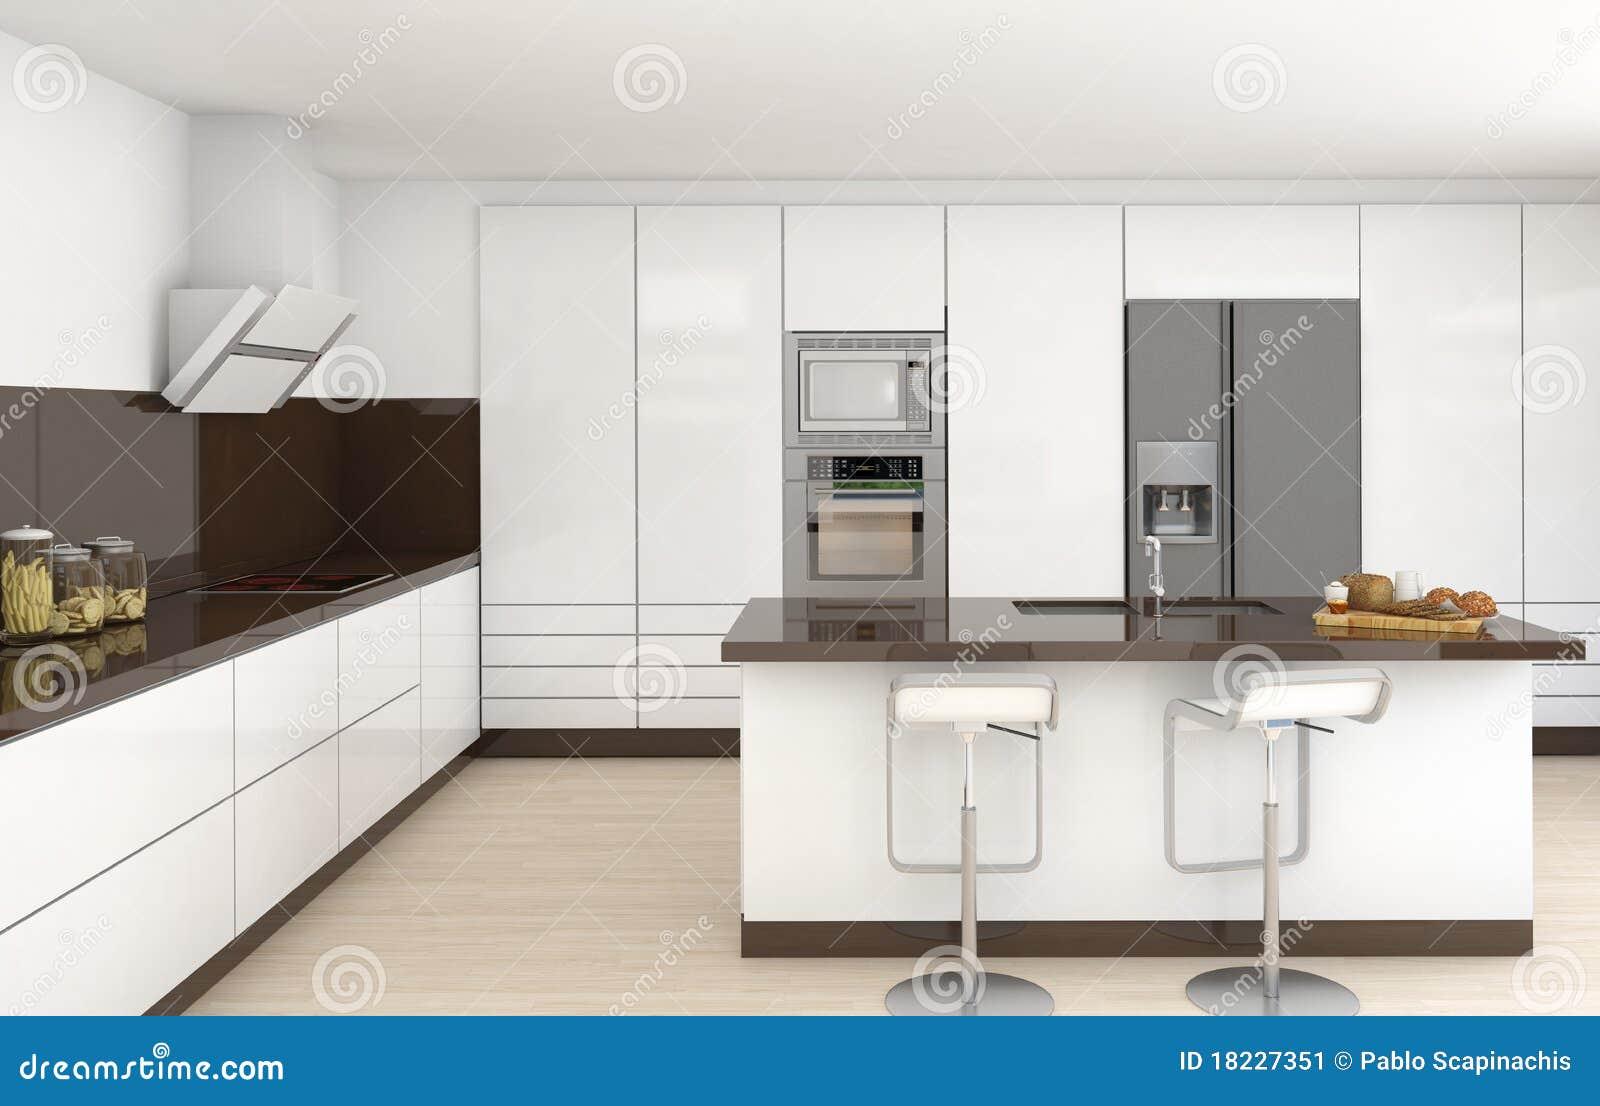 #85A625 Projeto interior de uma cozinha moderna na opinião branca e marrom do  1300x915 px Projeto Cozinha Branca_4110 Imagens